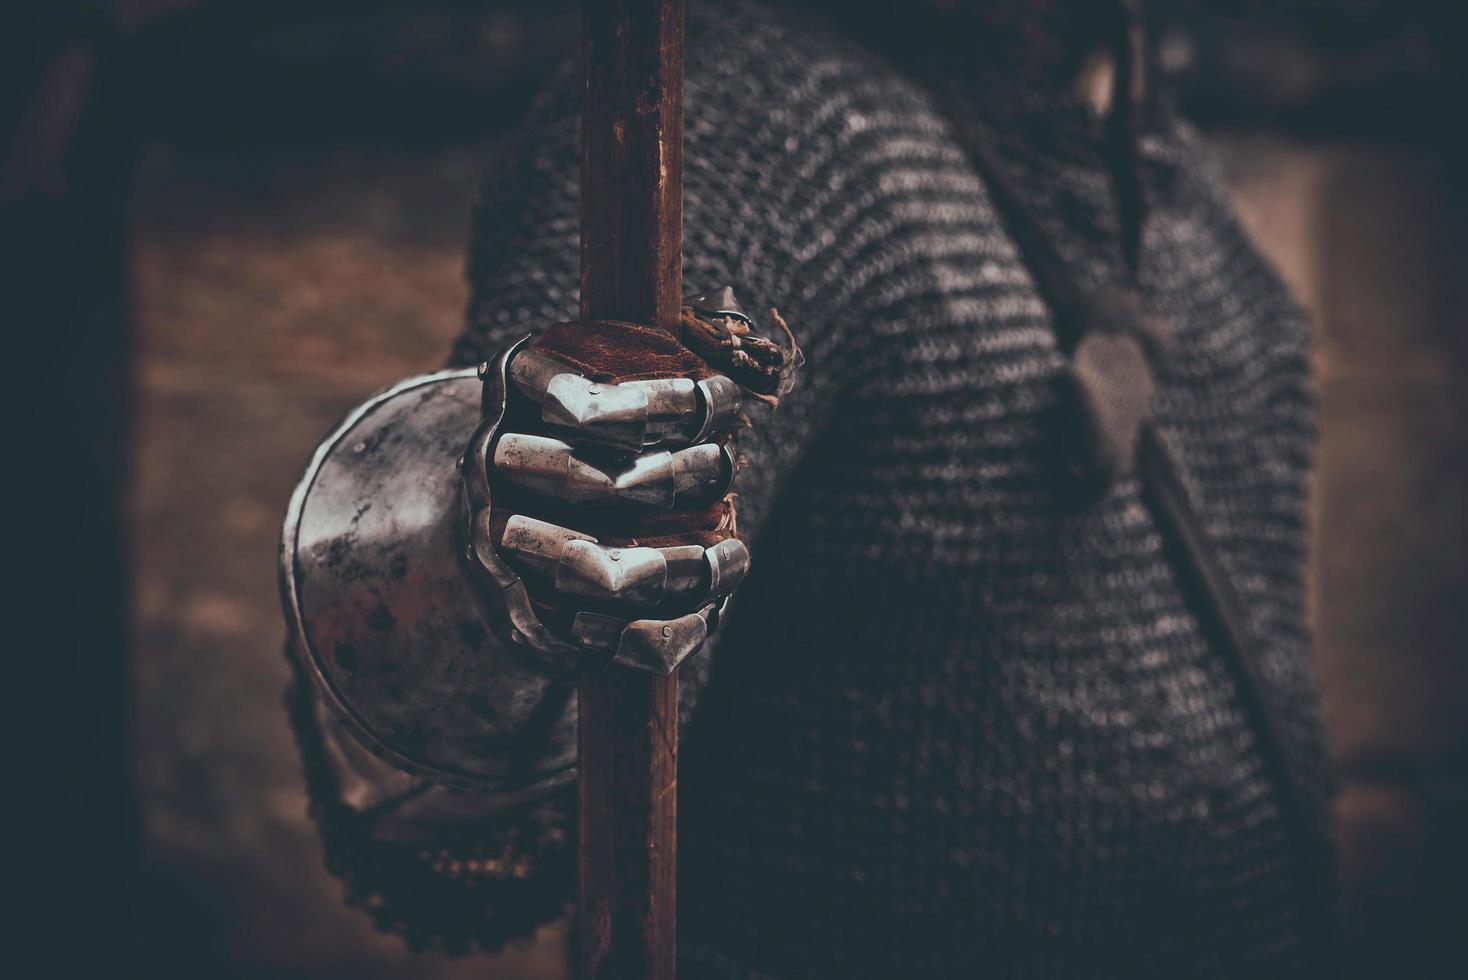 La main du chevalier dans des gants métalliques tenant une lance photo